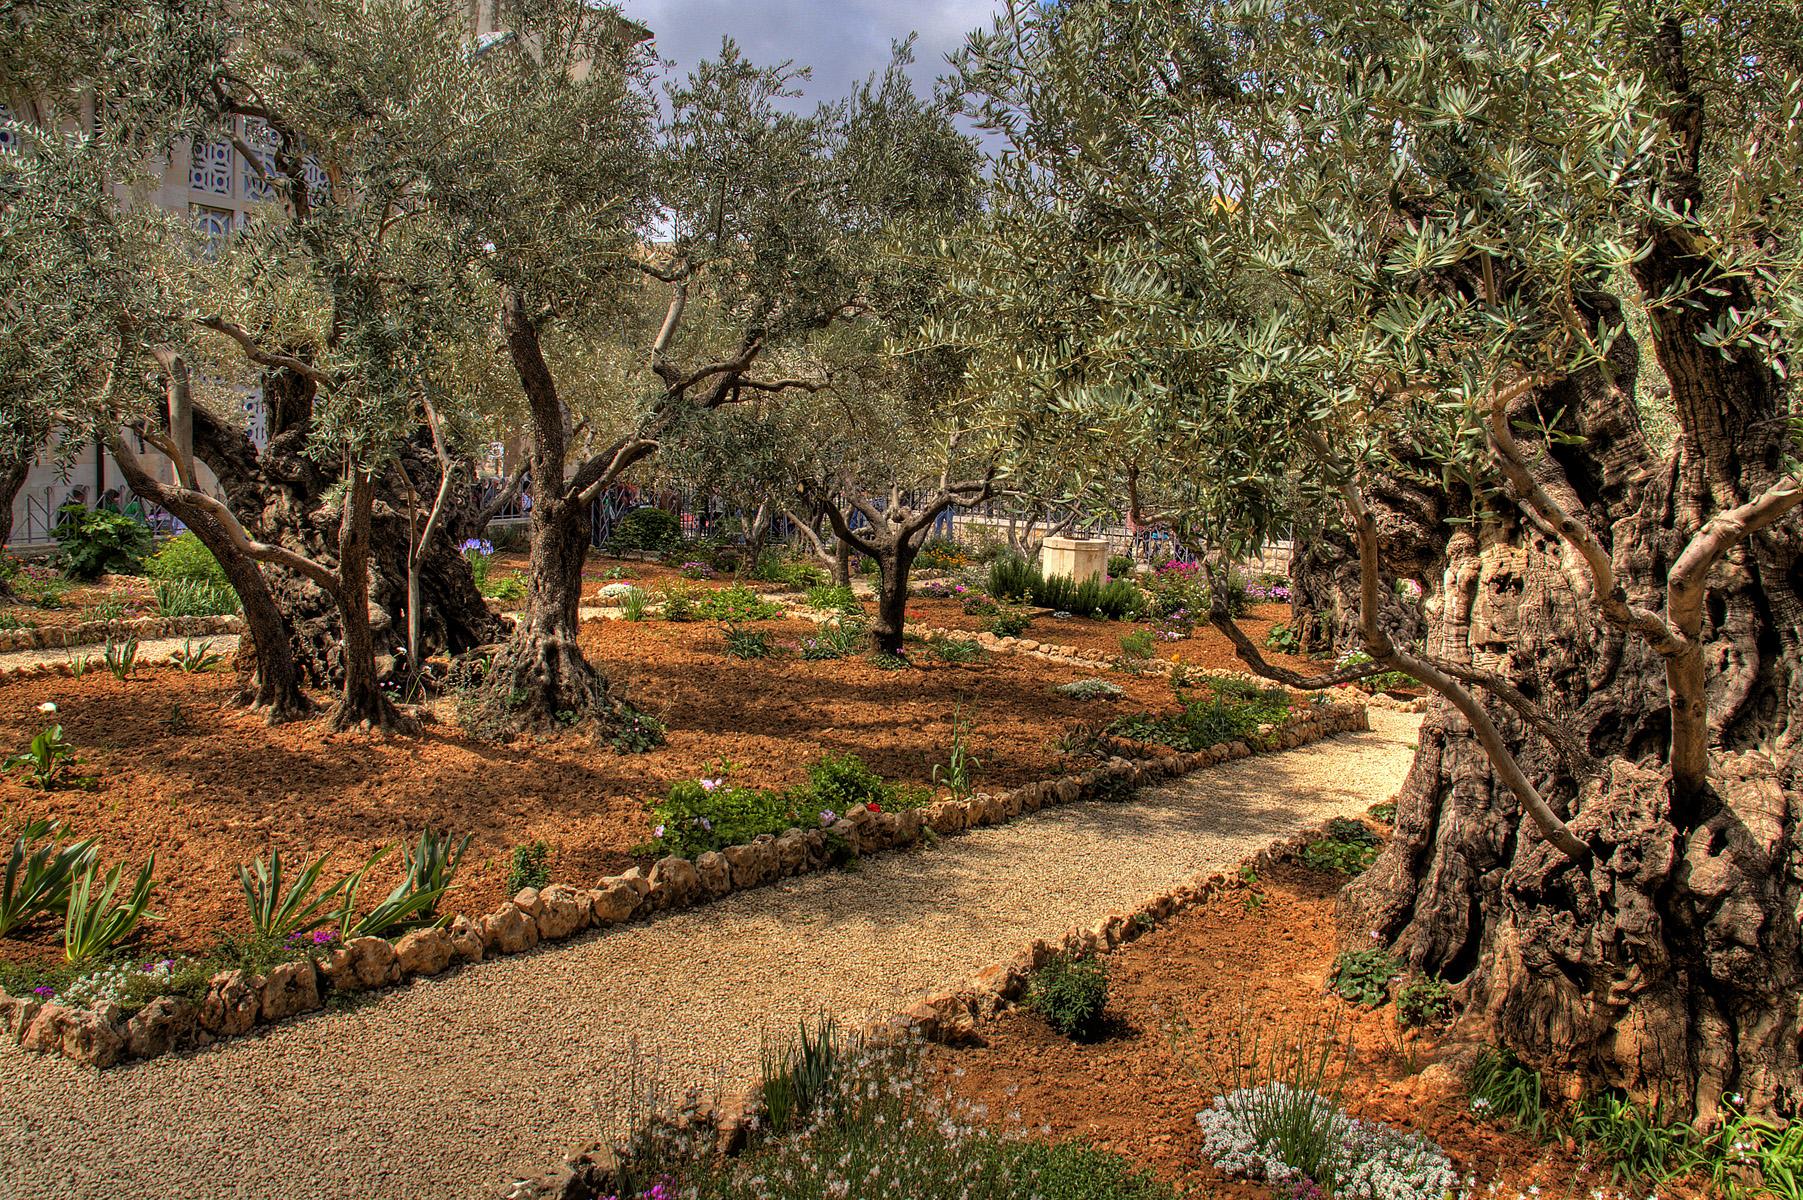 Una Fascinante Visita al Mundo y la Zona donde Vivió Jesús hace 2000 años